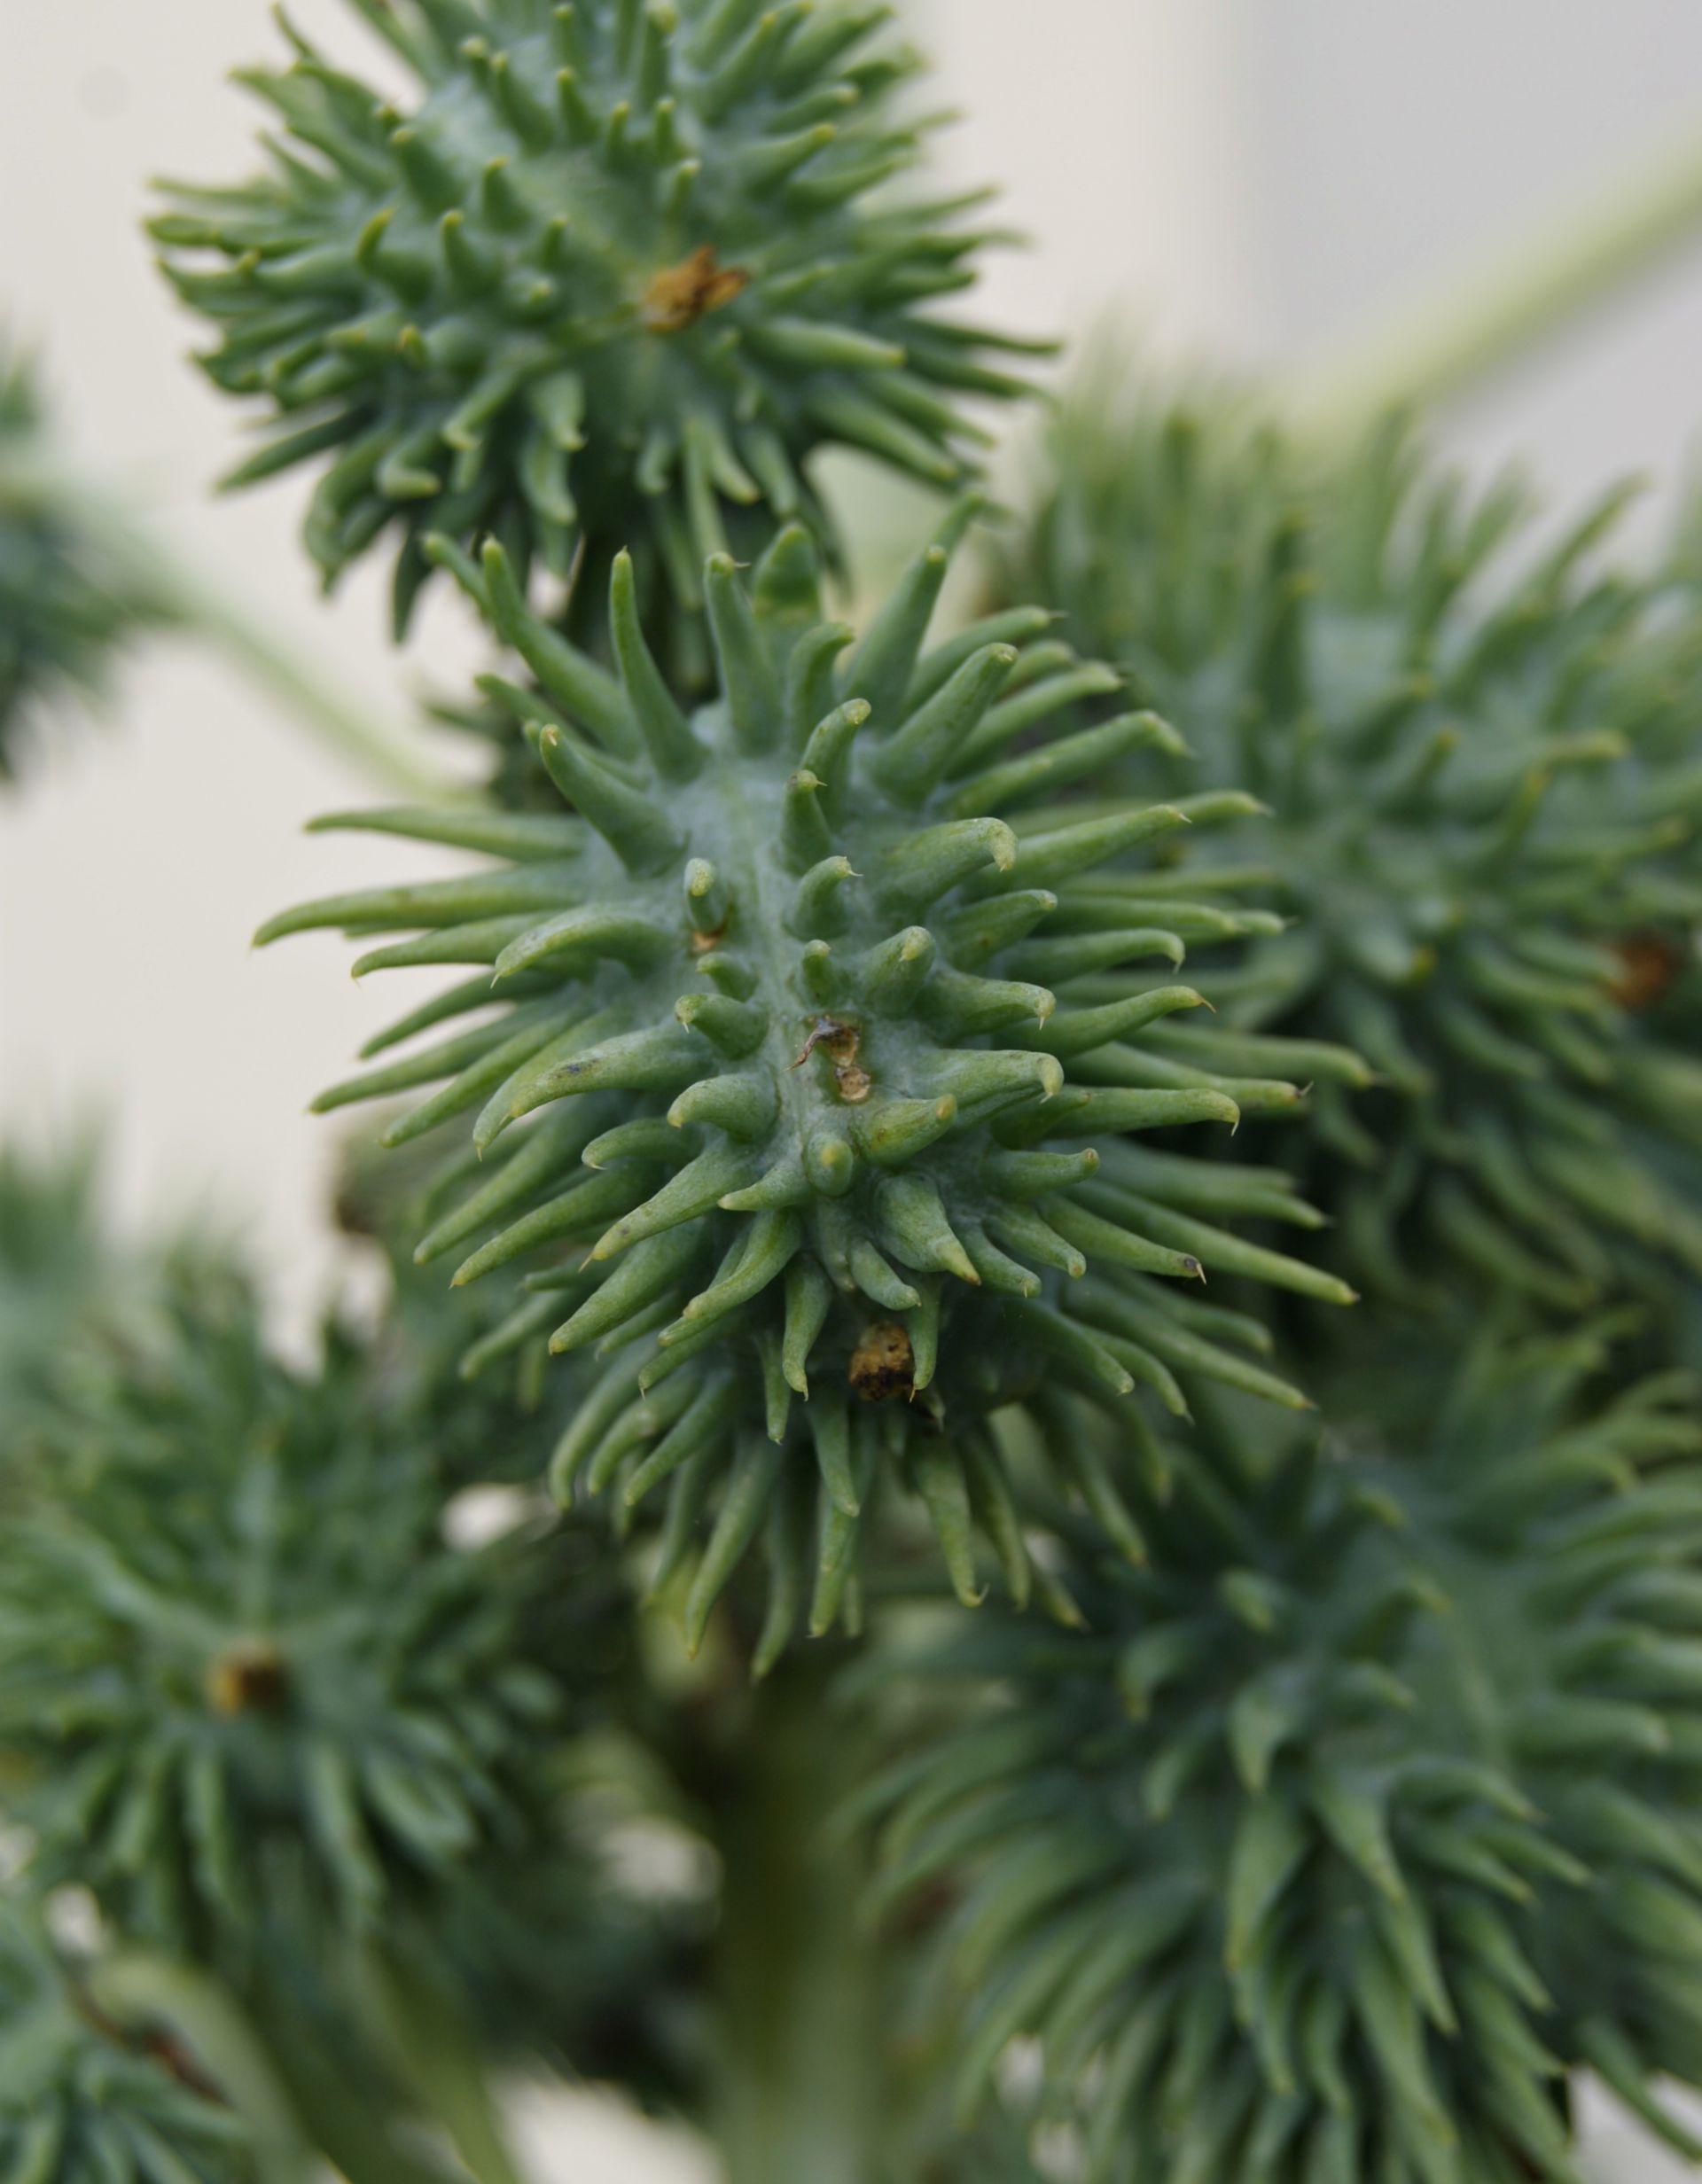 Piante velenose: Ricinus communis